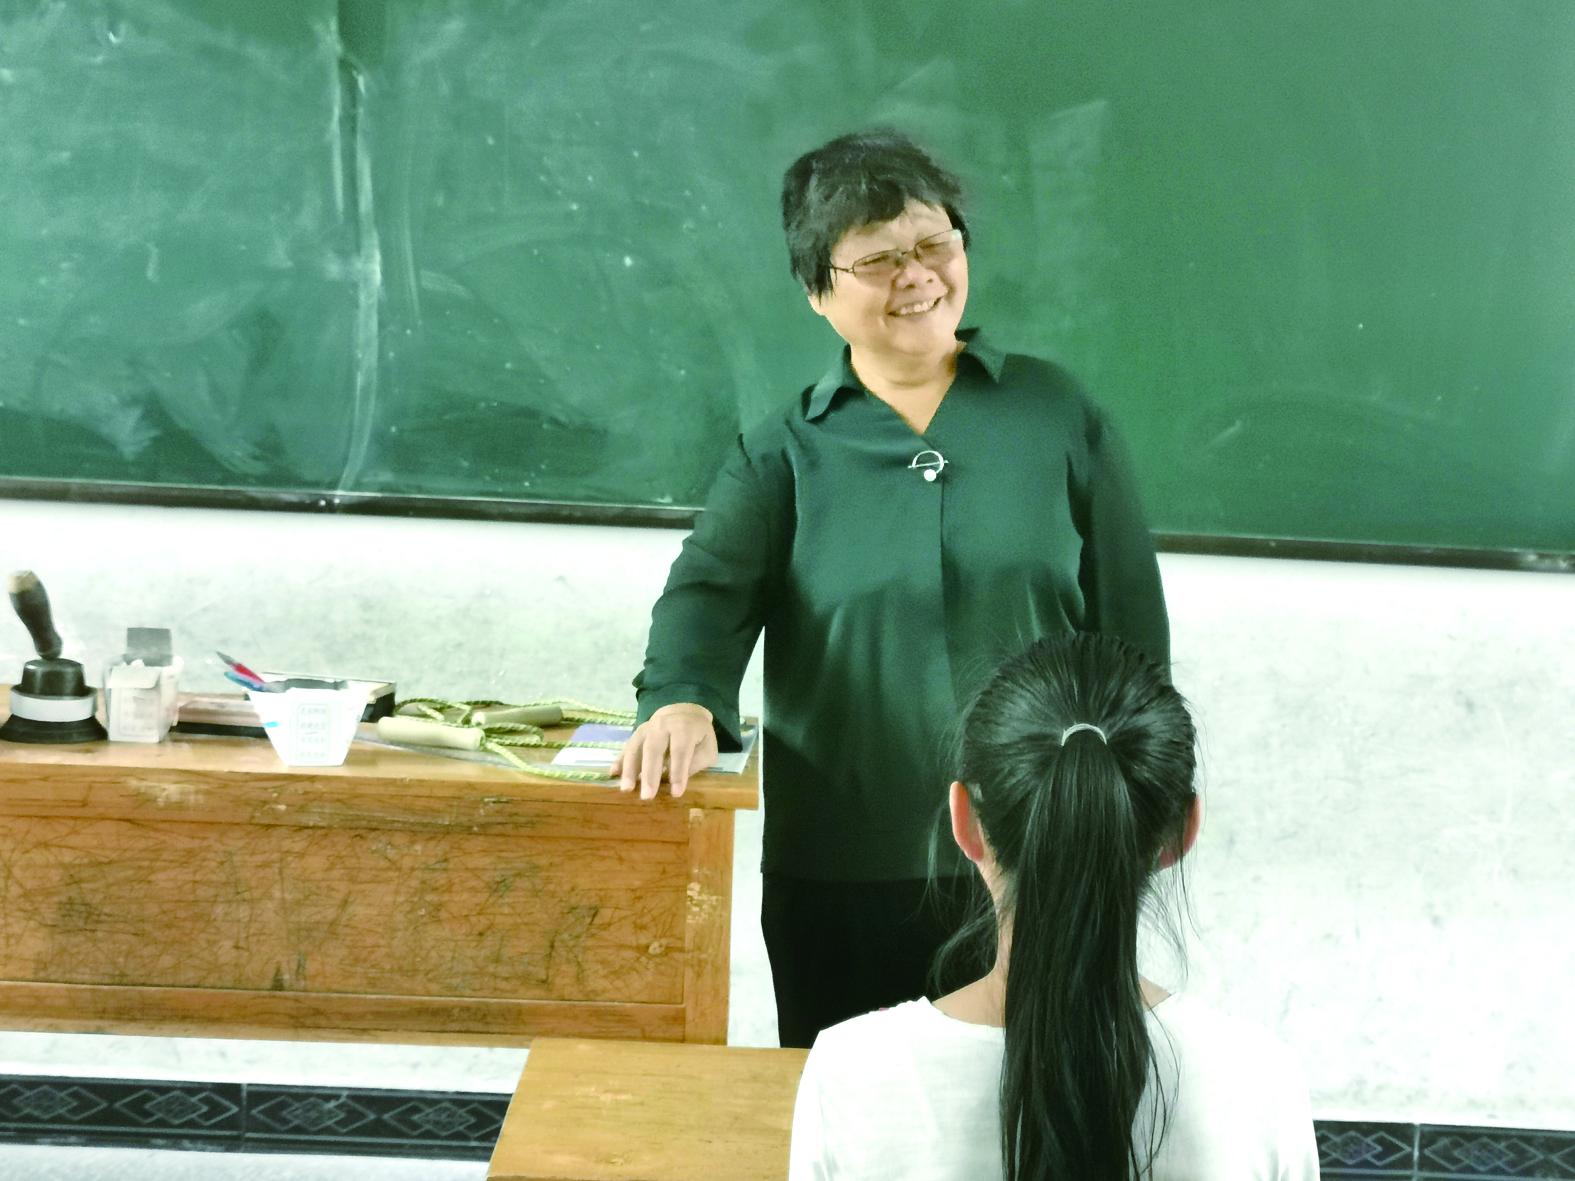 她年逾七旬,从宁波到湖南,为溆浦筹资捐建...